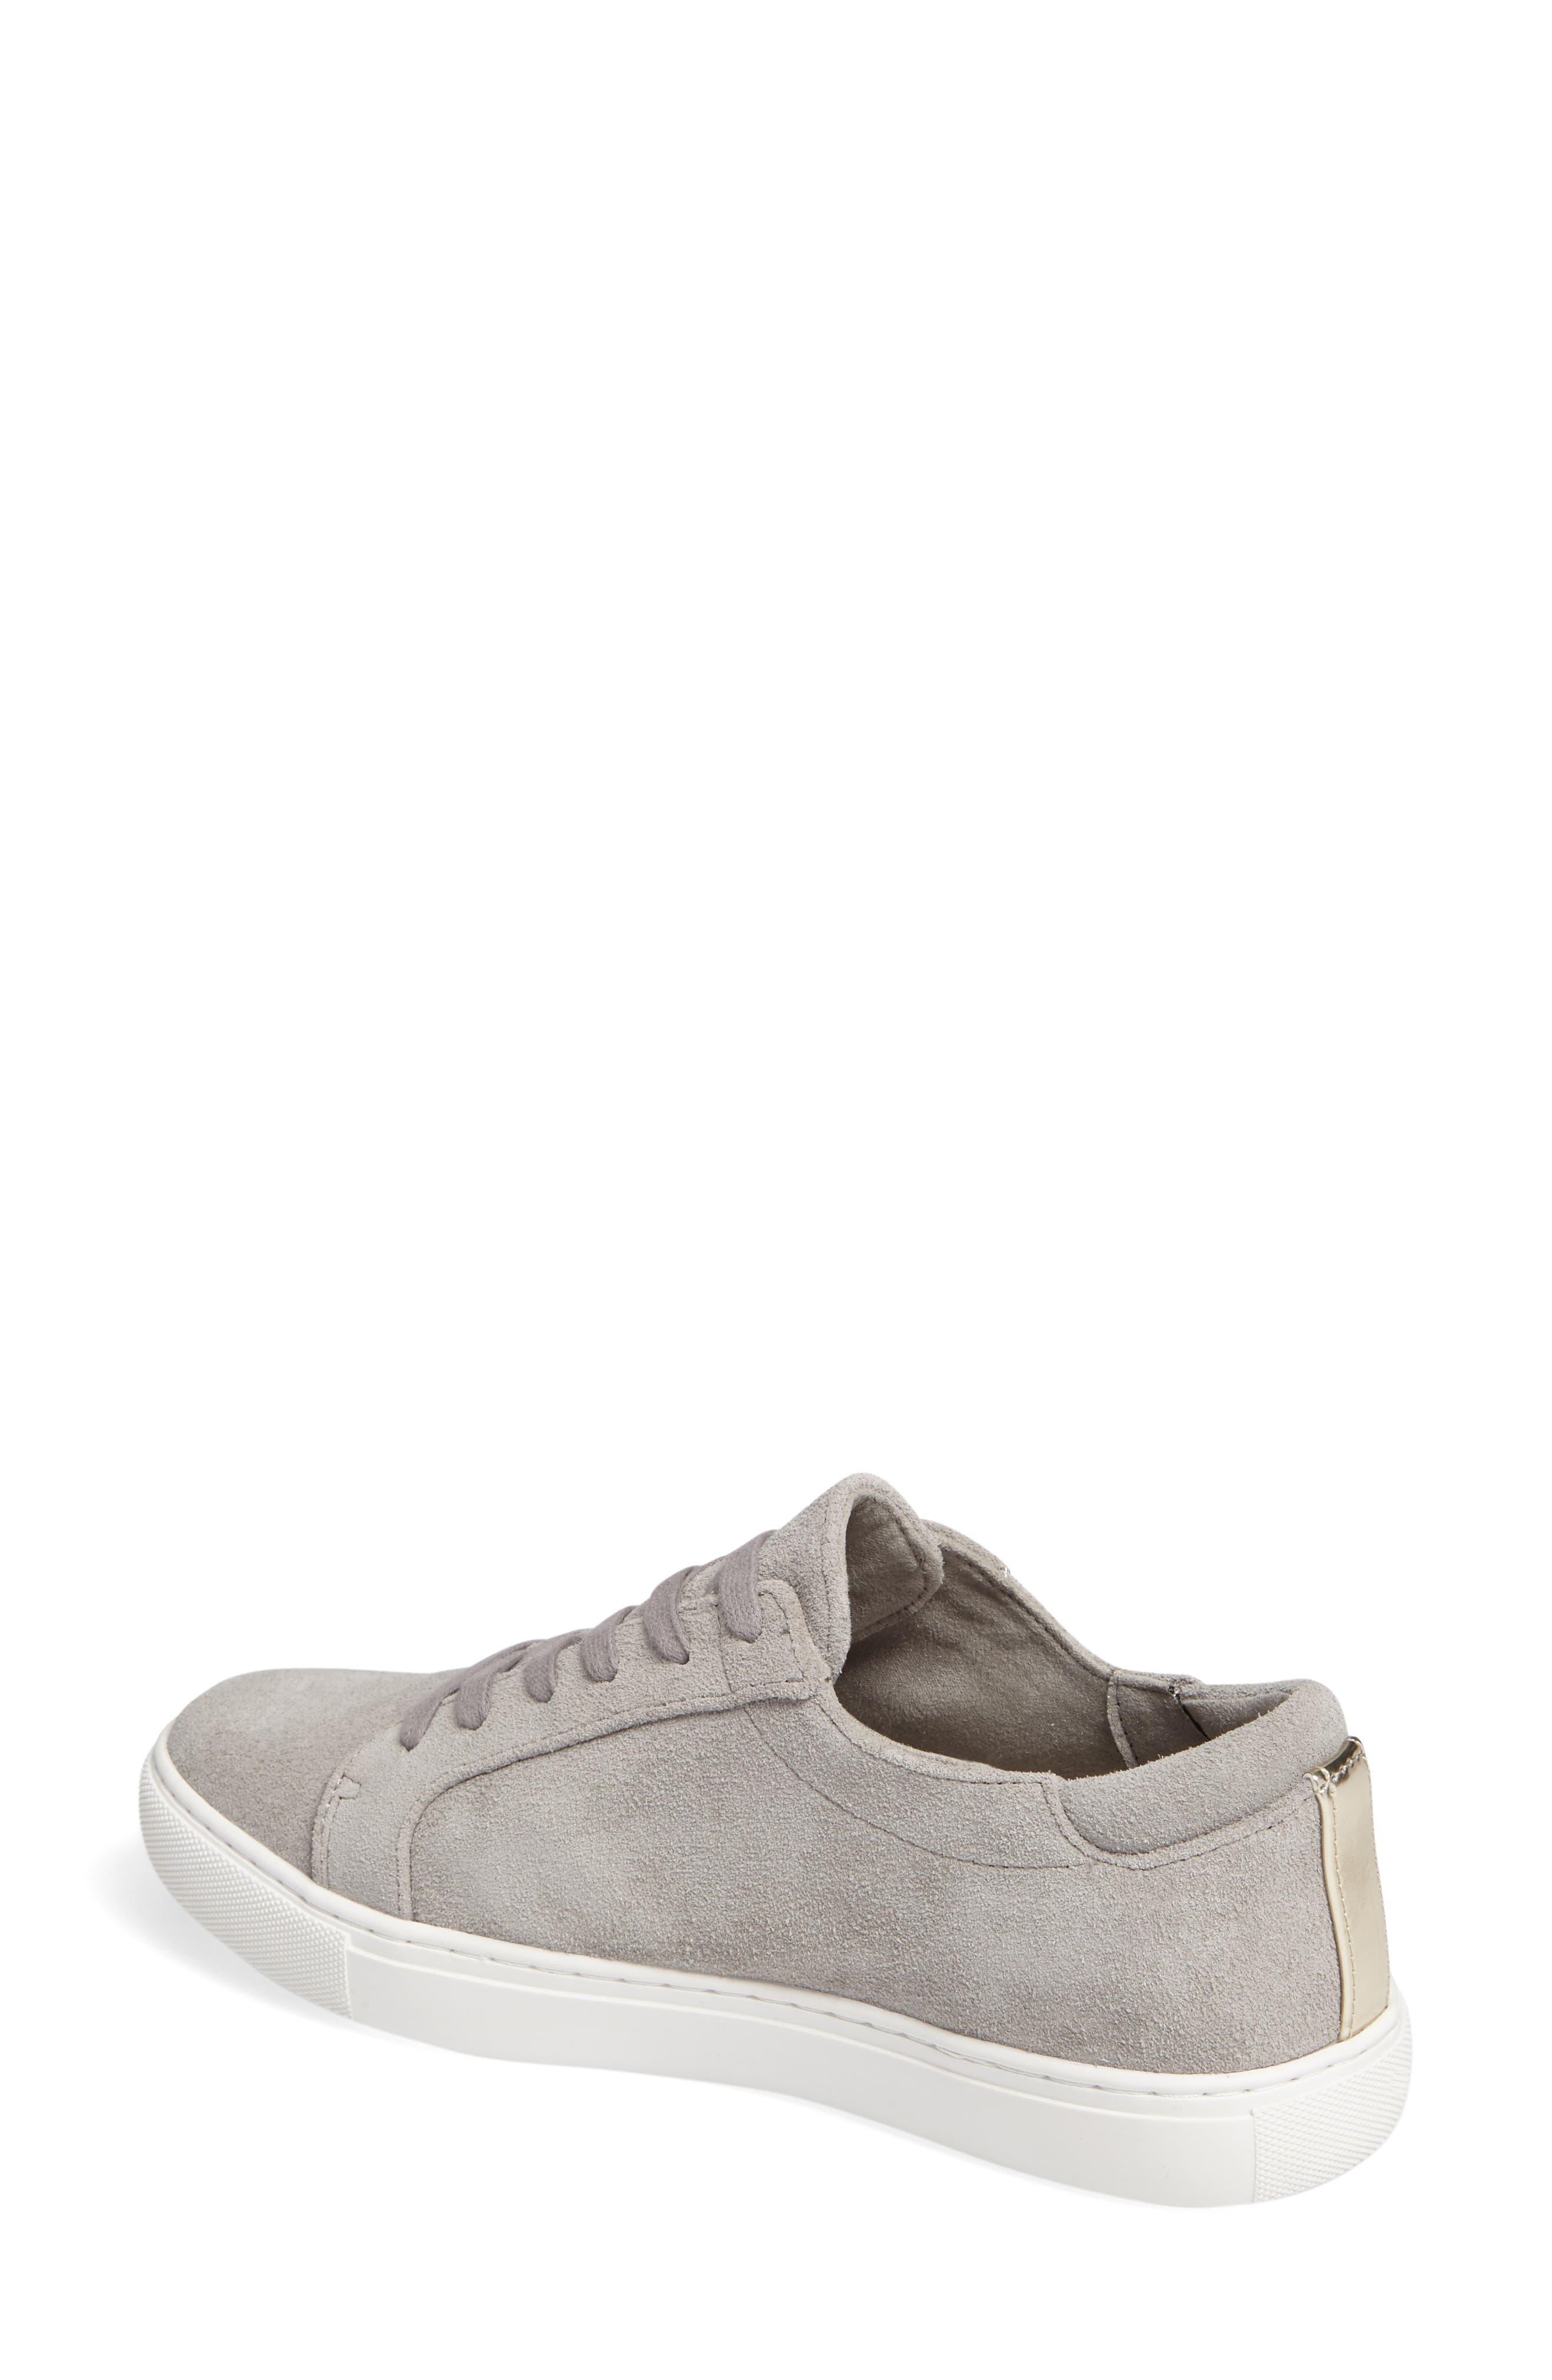 'Kam' Sneaker,                             Alternate thumbnail 115, color,